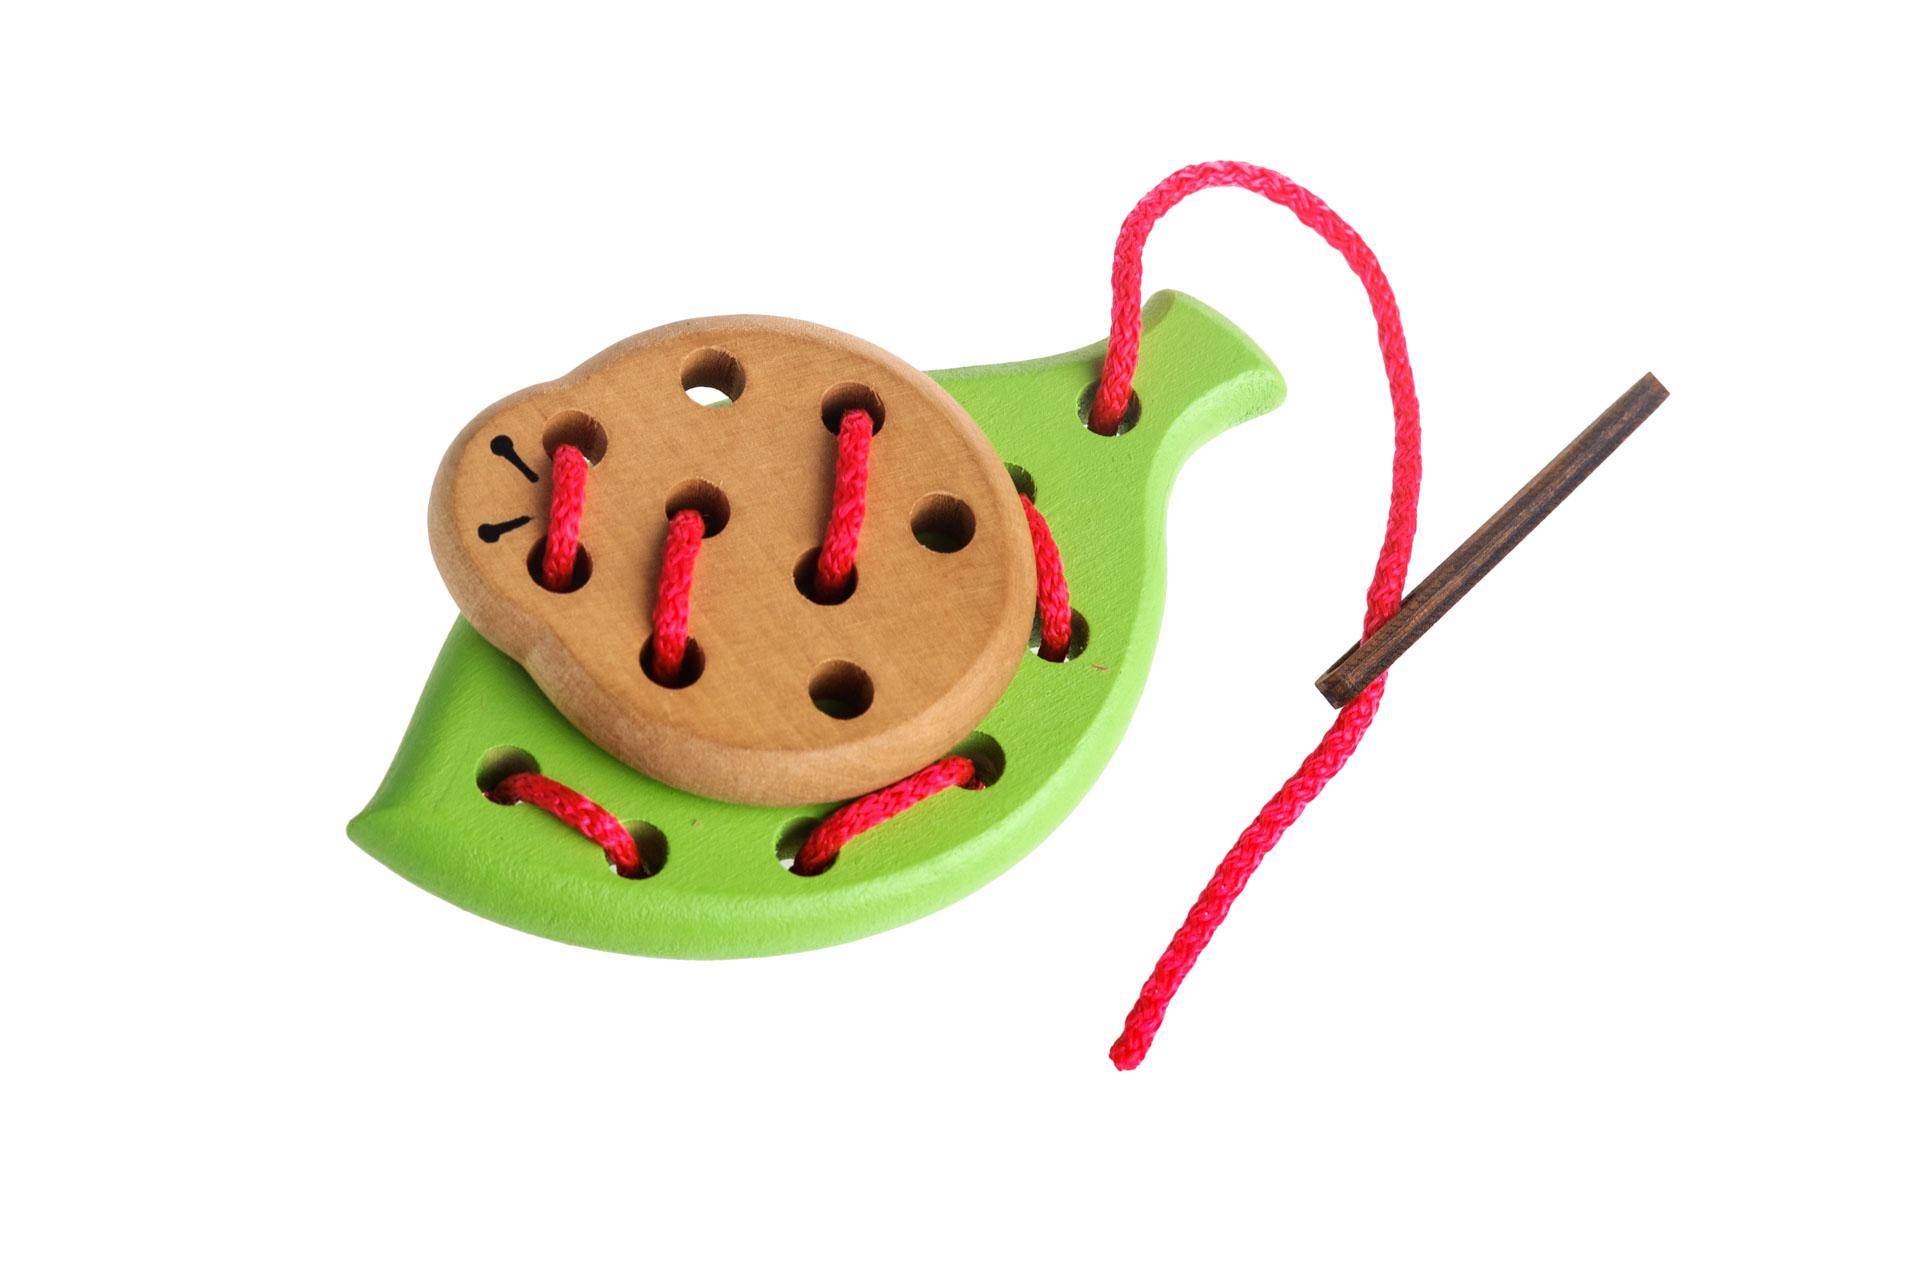 Томик Шнуровка Лето612-2Забавная шнуровка для раннего развития Вашего ребенка. 100% натуральные материалы, непередаваемый запах дерева